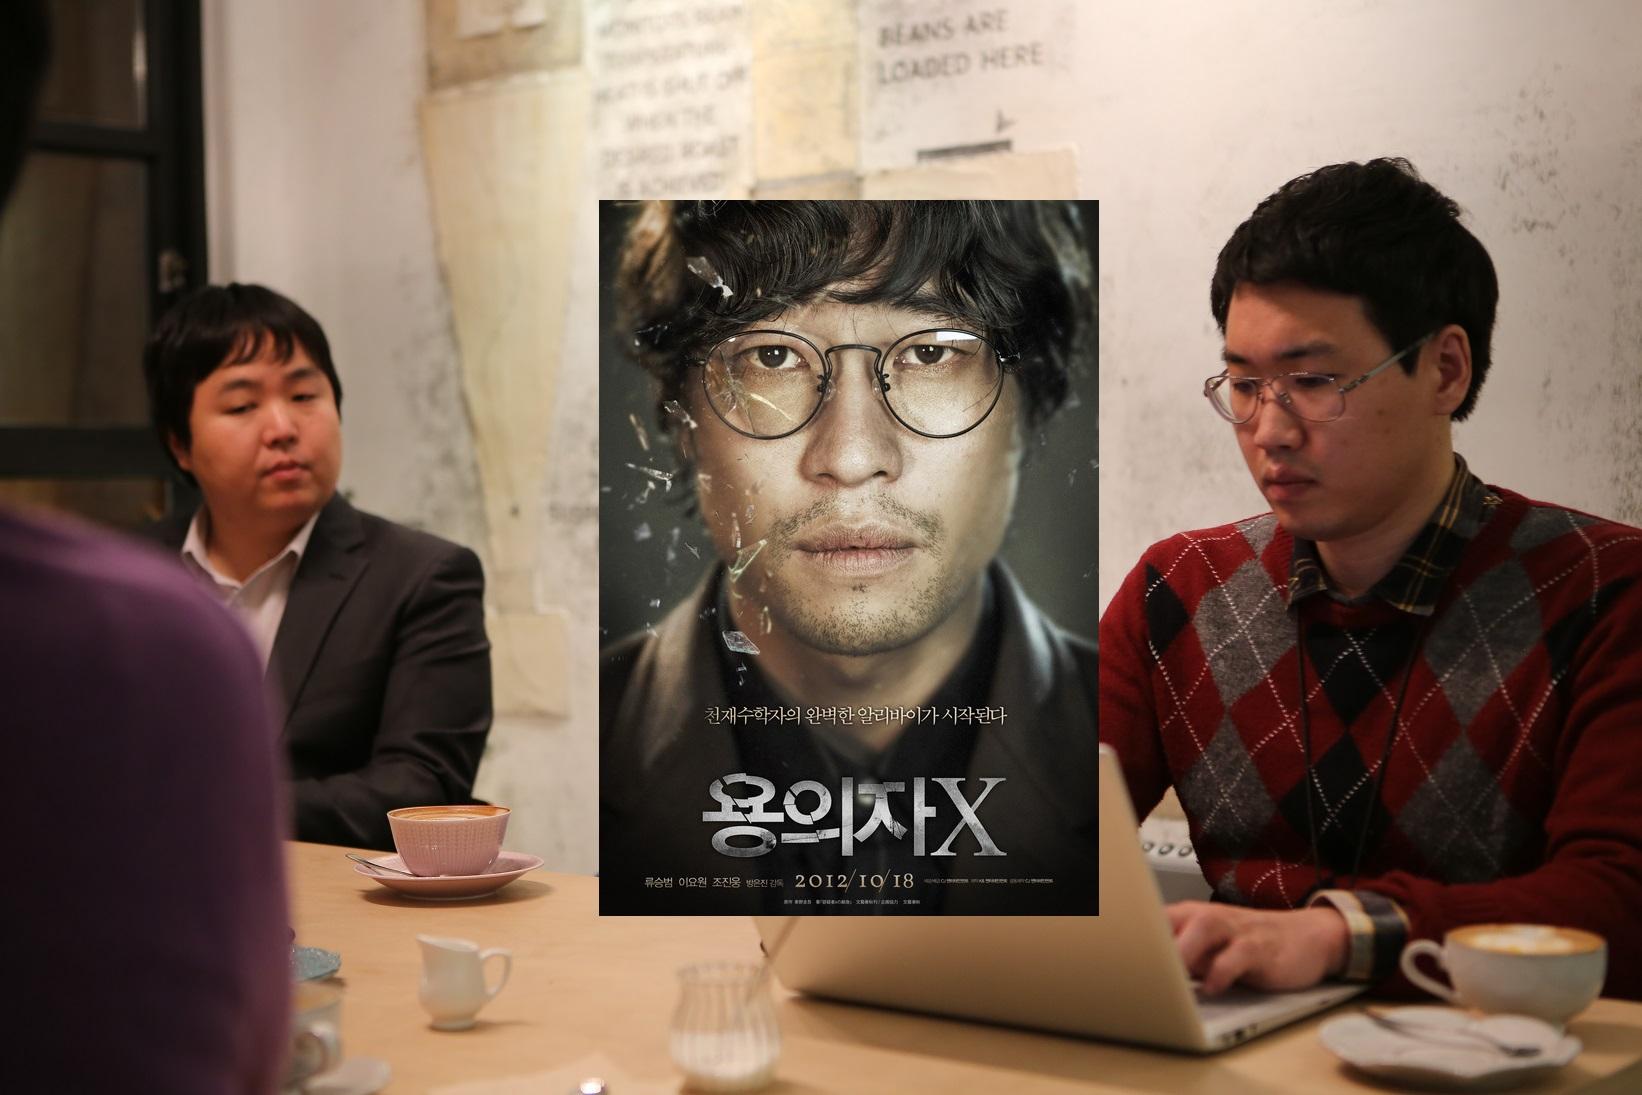 박영호 팀장(좌) / 용의자 X / 리승환(우)